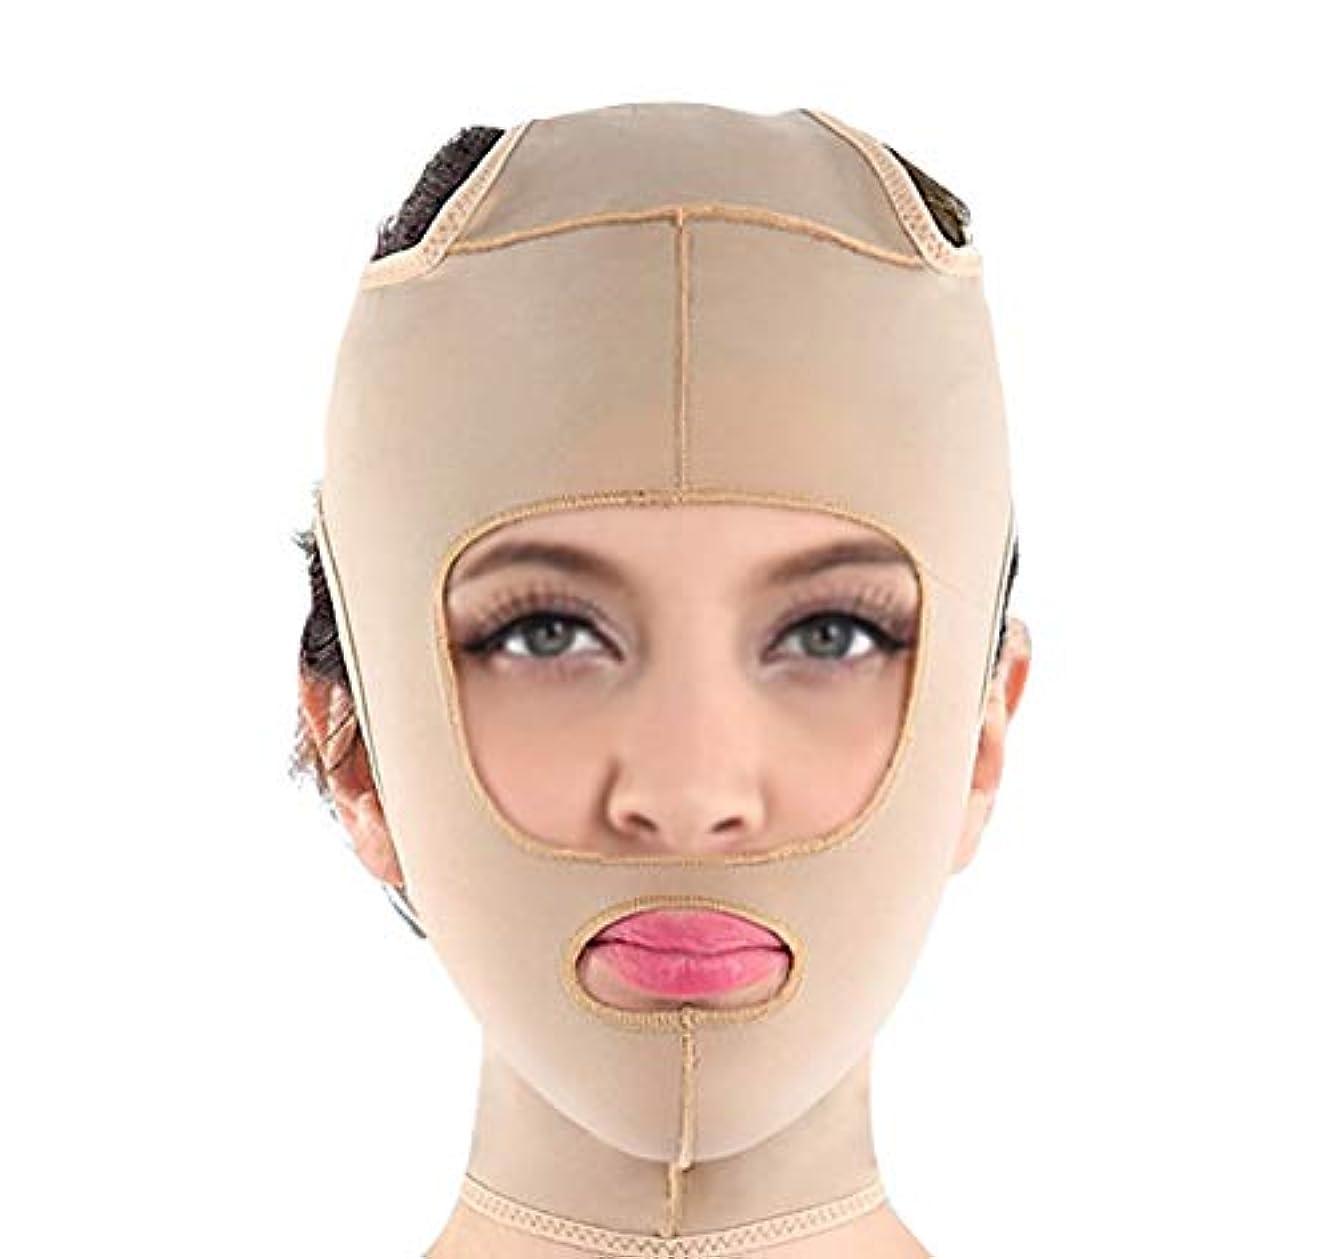 観光有毒志す包帯vフェイス楽器フェイスマスクマジックフェイスフェイシャルファーミングフェイシャルマッサージフェイシャルリンクルリフティング引き締めプラスチックマスク (Size : L)